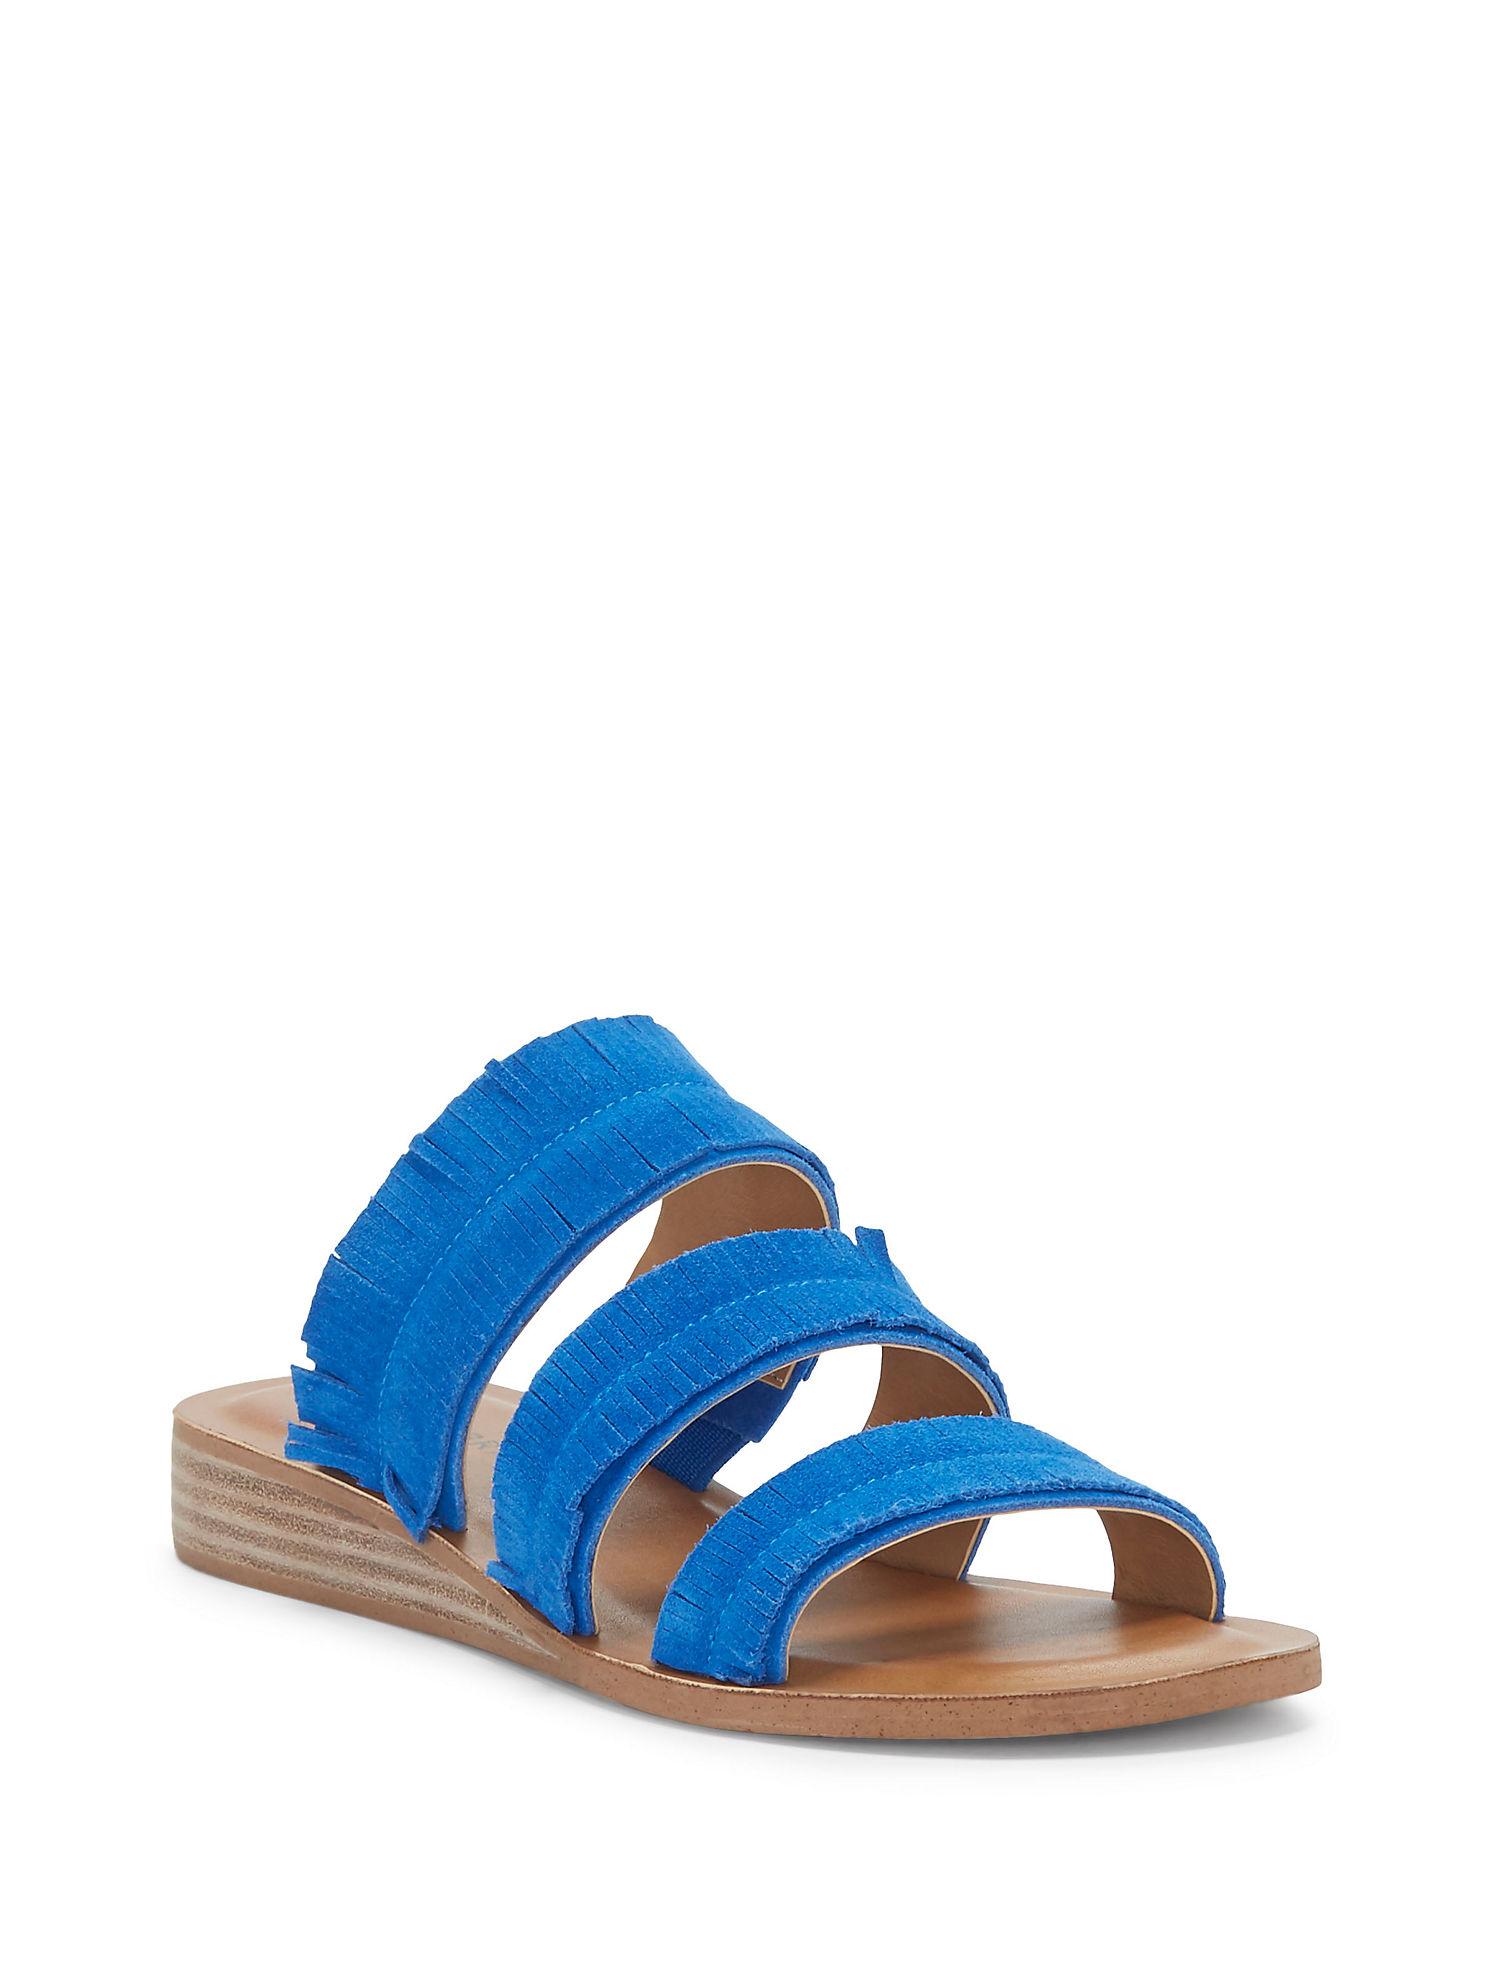 fe7cece047af6 Hegen Slide Sandal